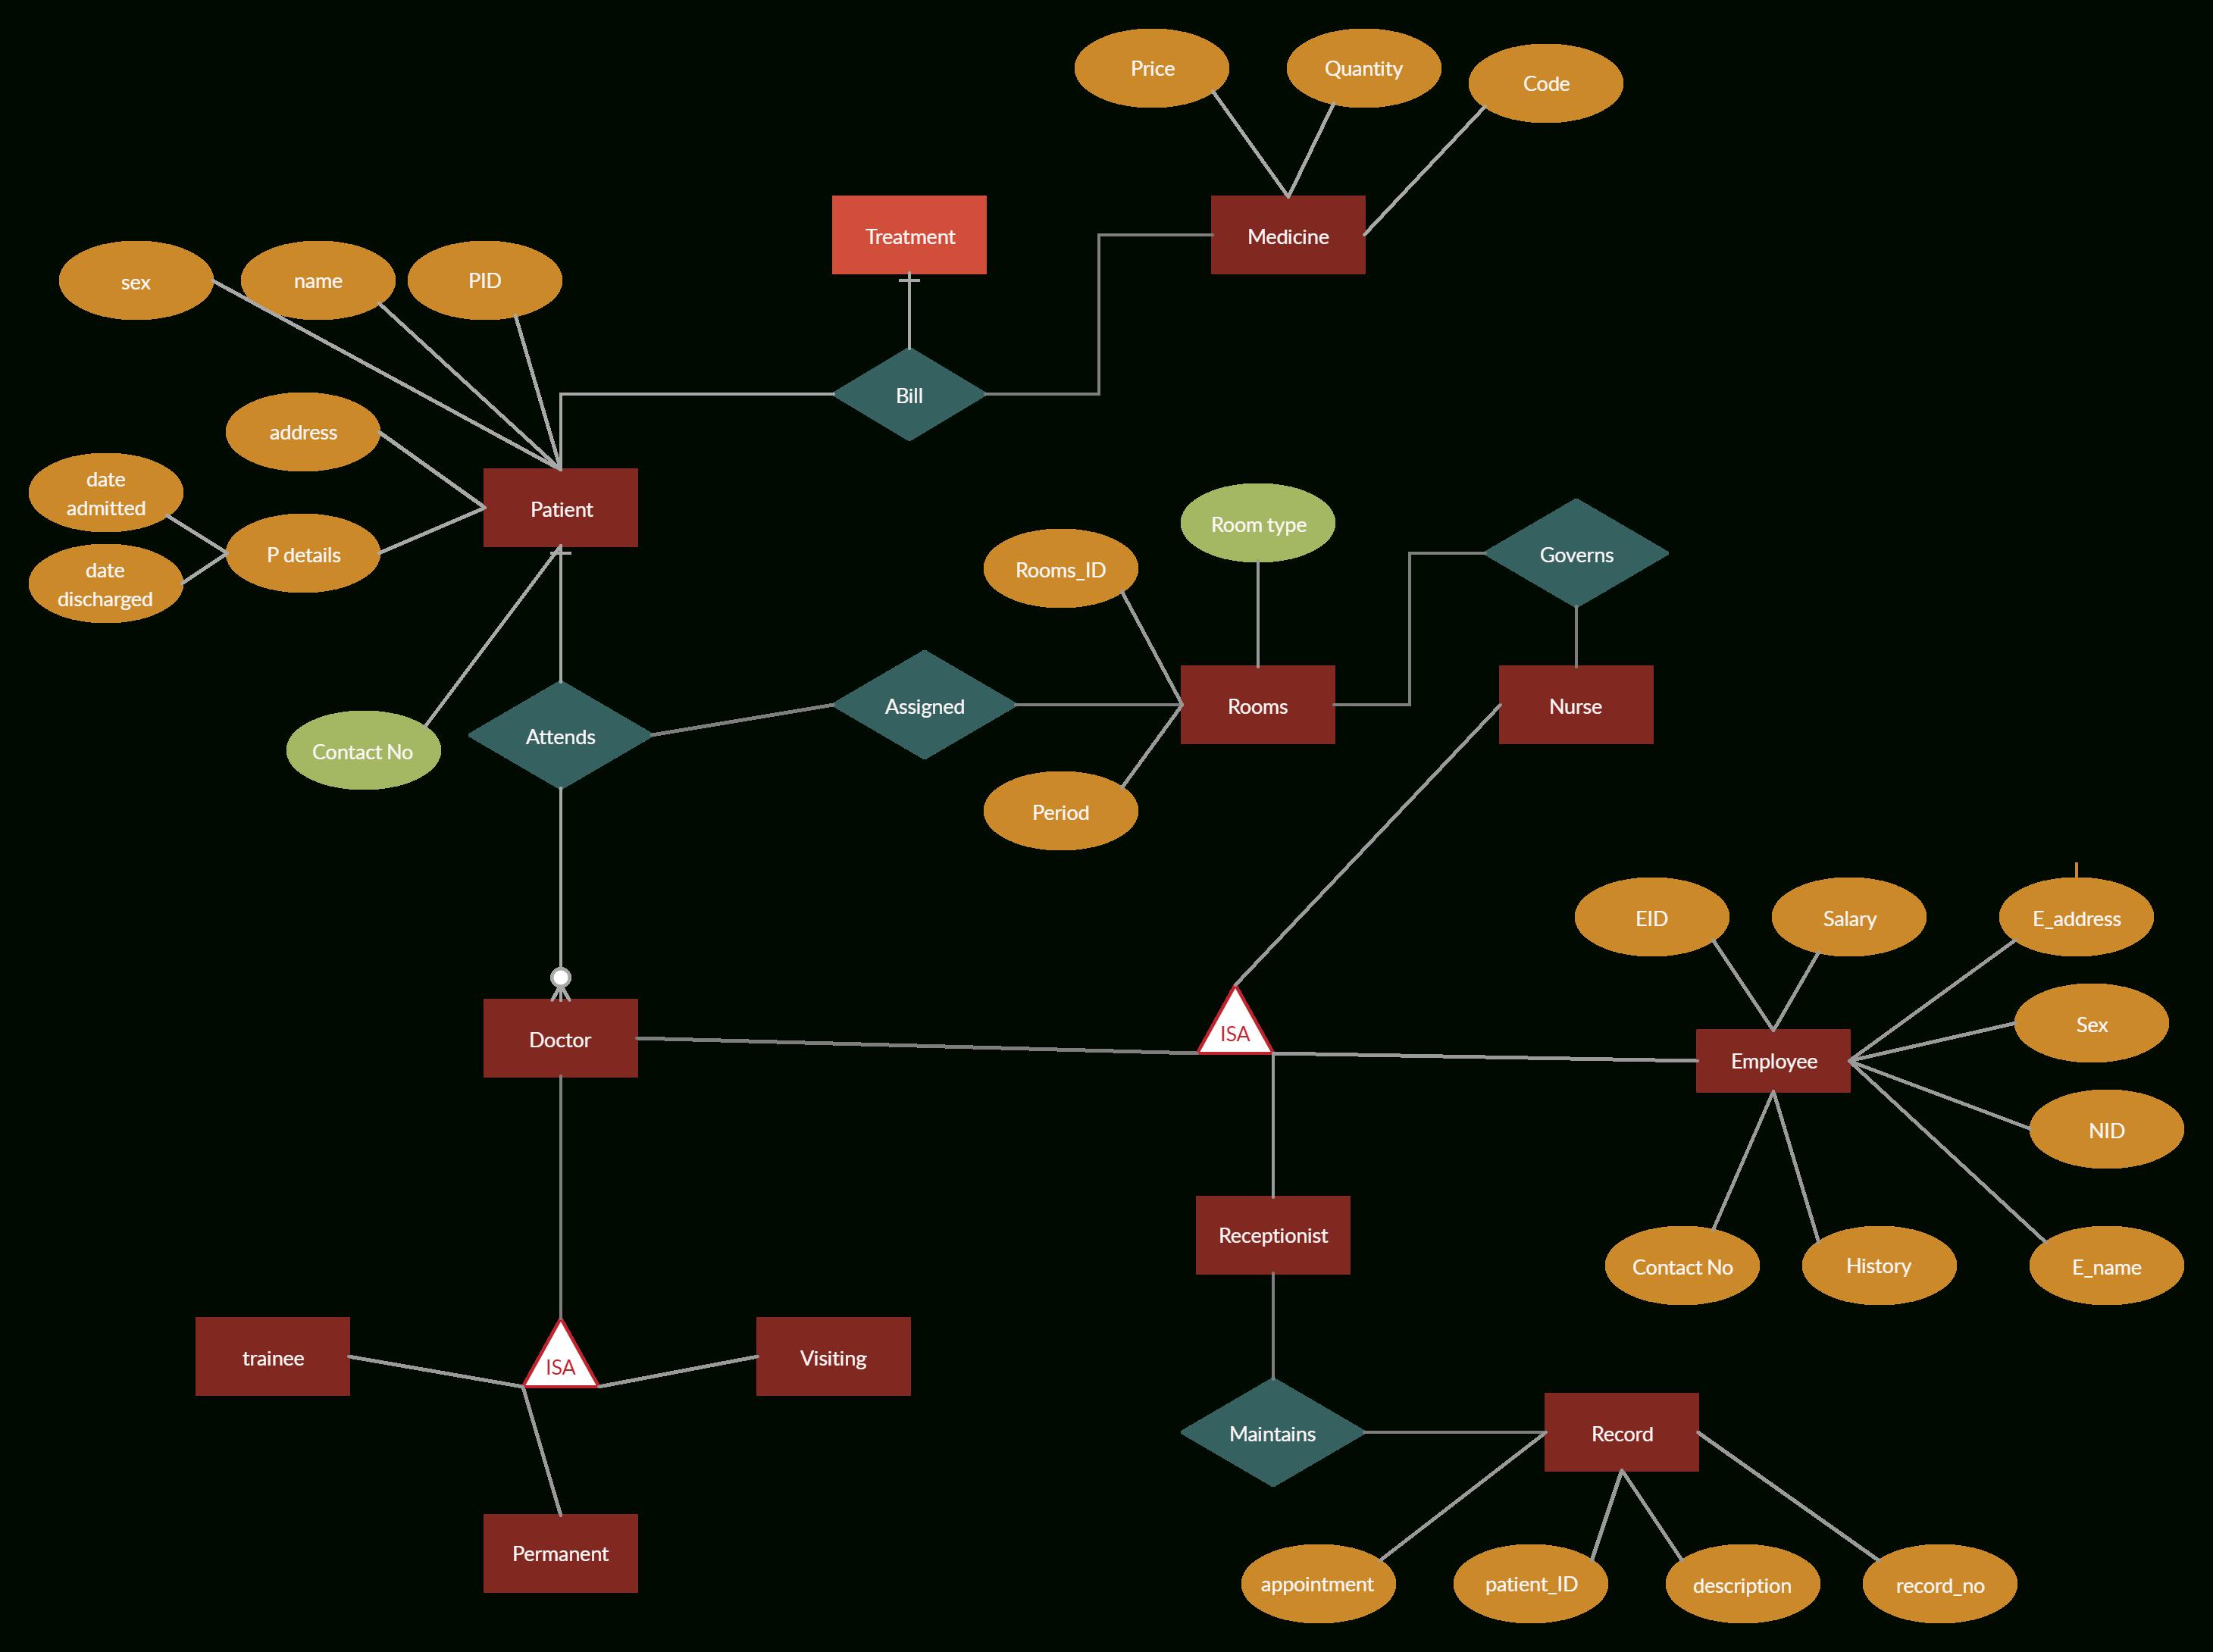 Hospital Management System | Relationship Diagram, Diagram